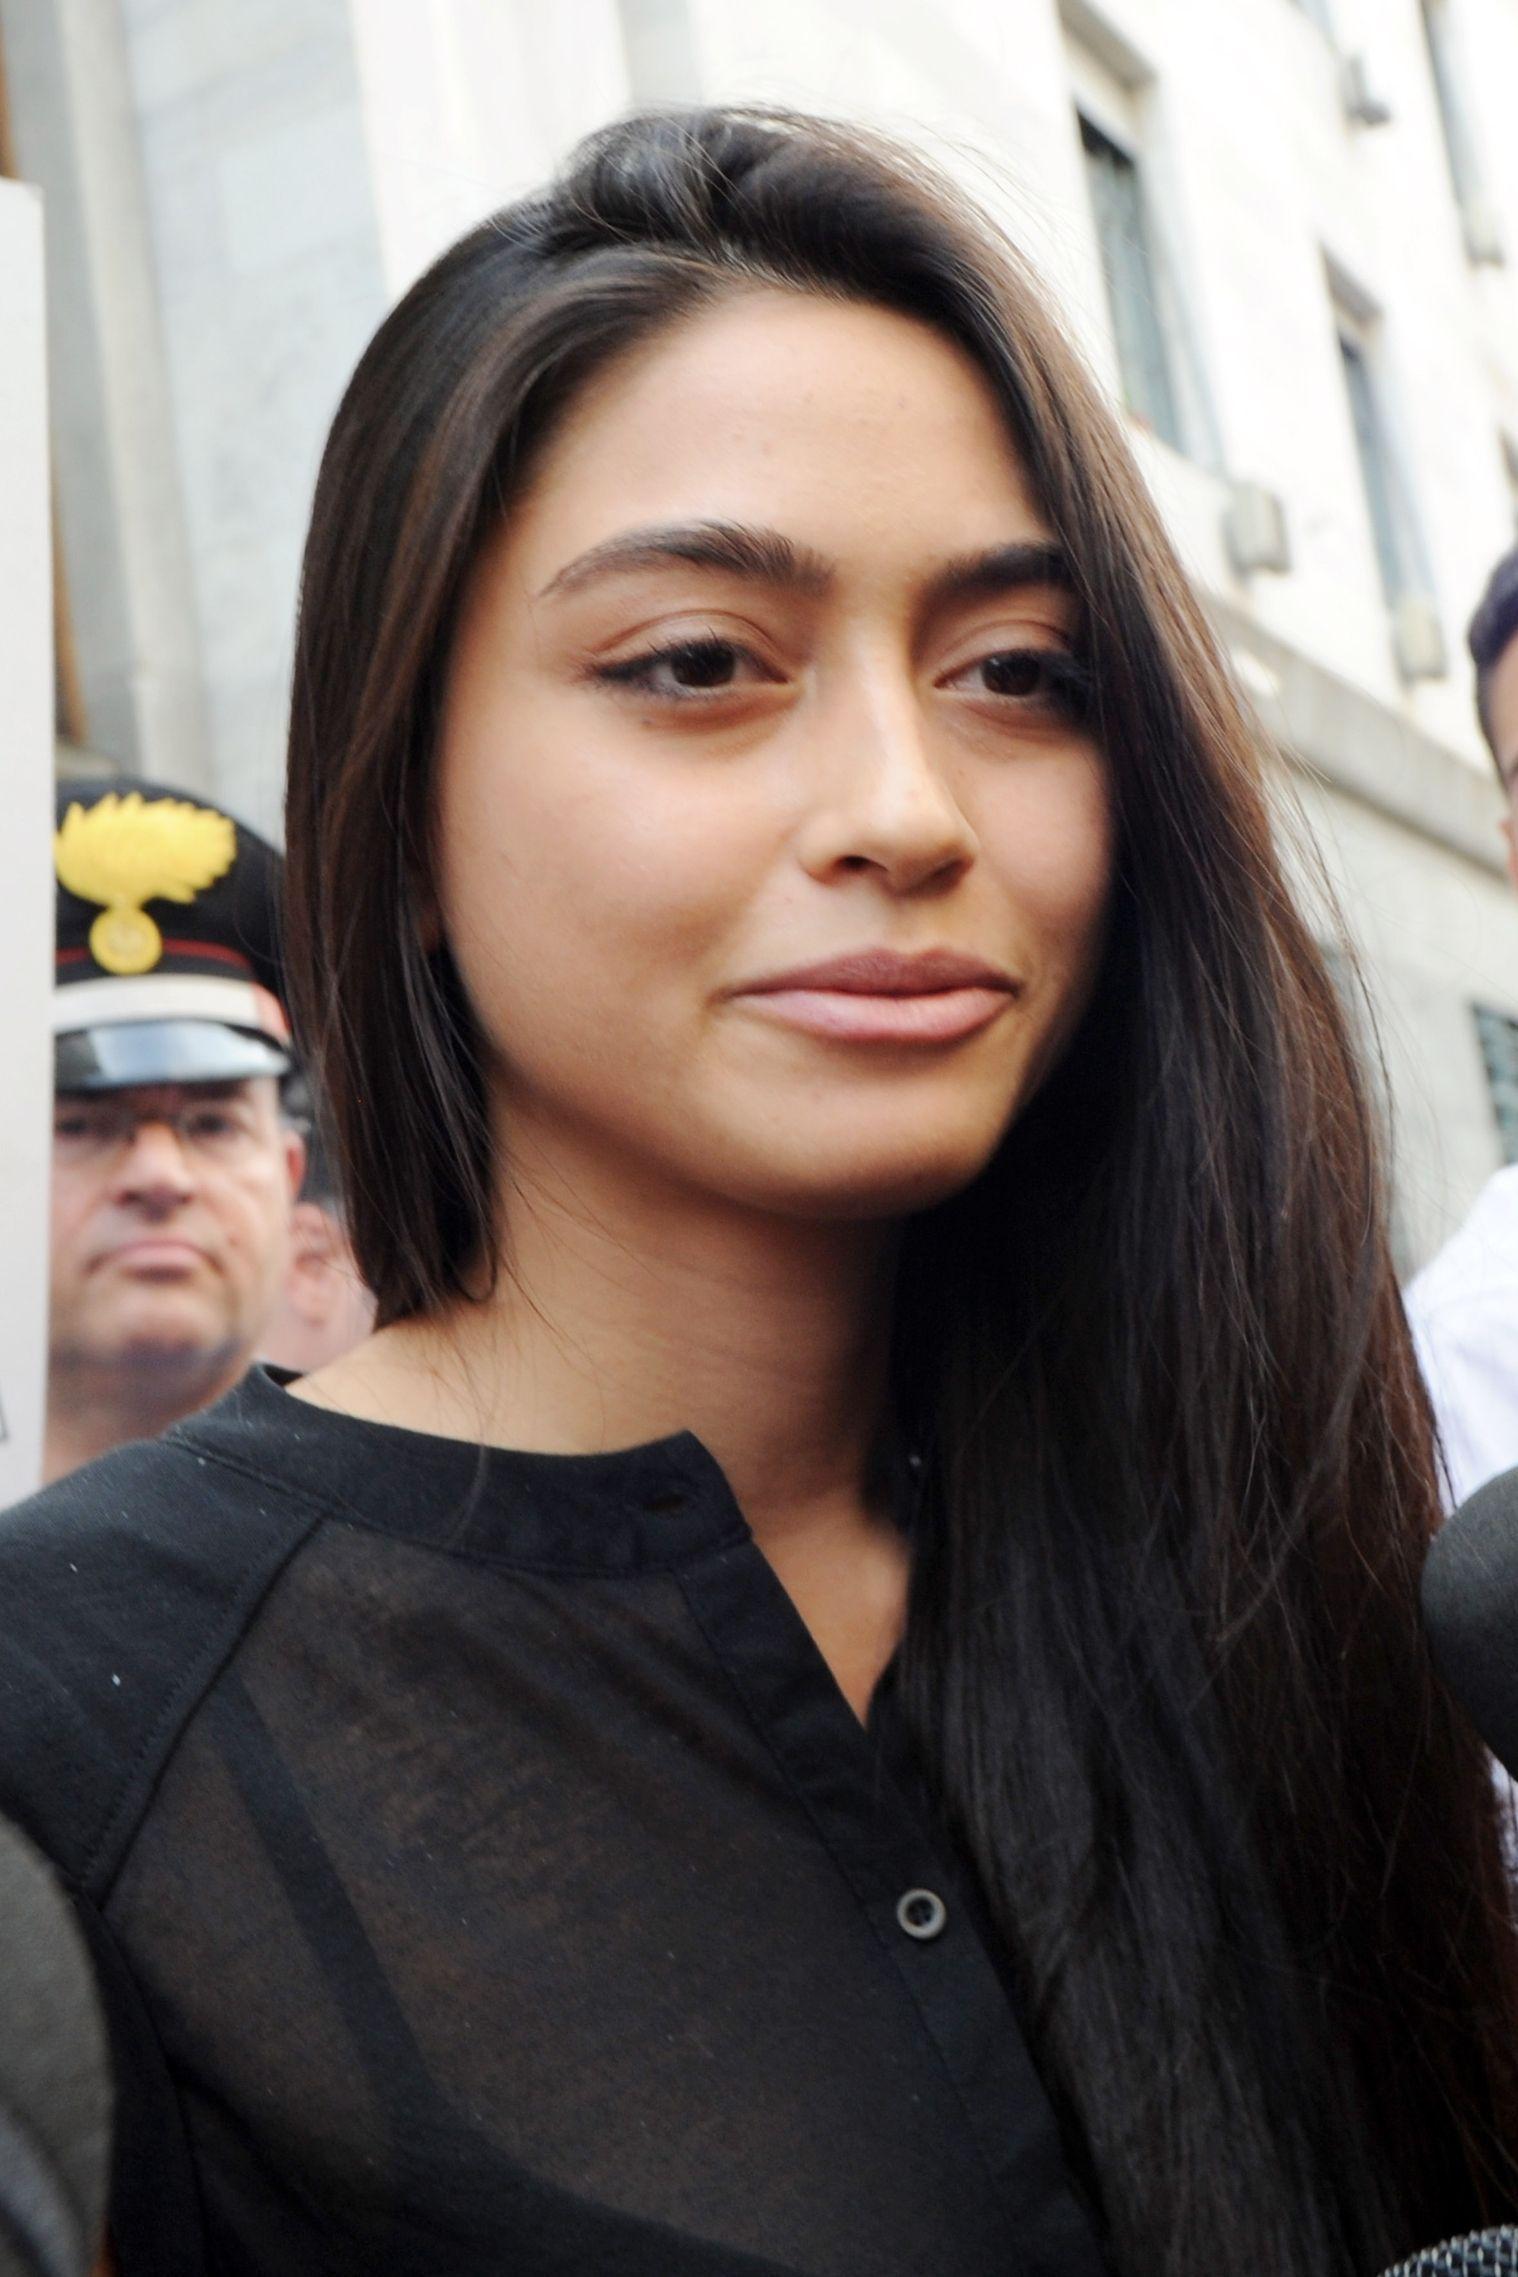 Ambra Battilana Gutierrez, 2013